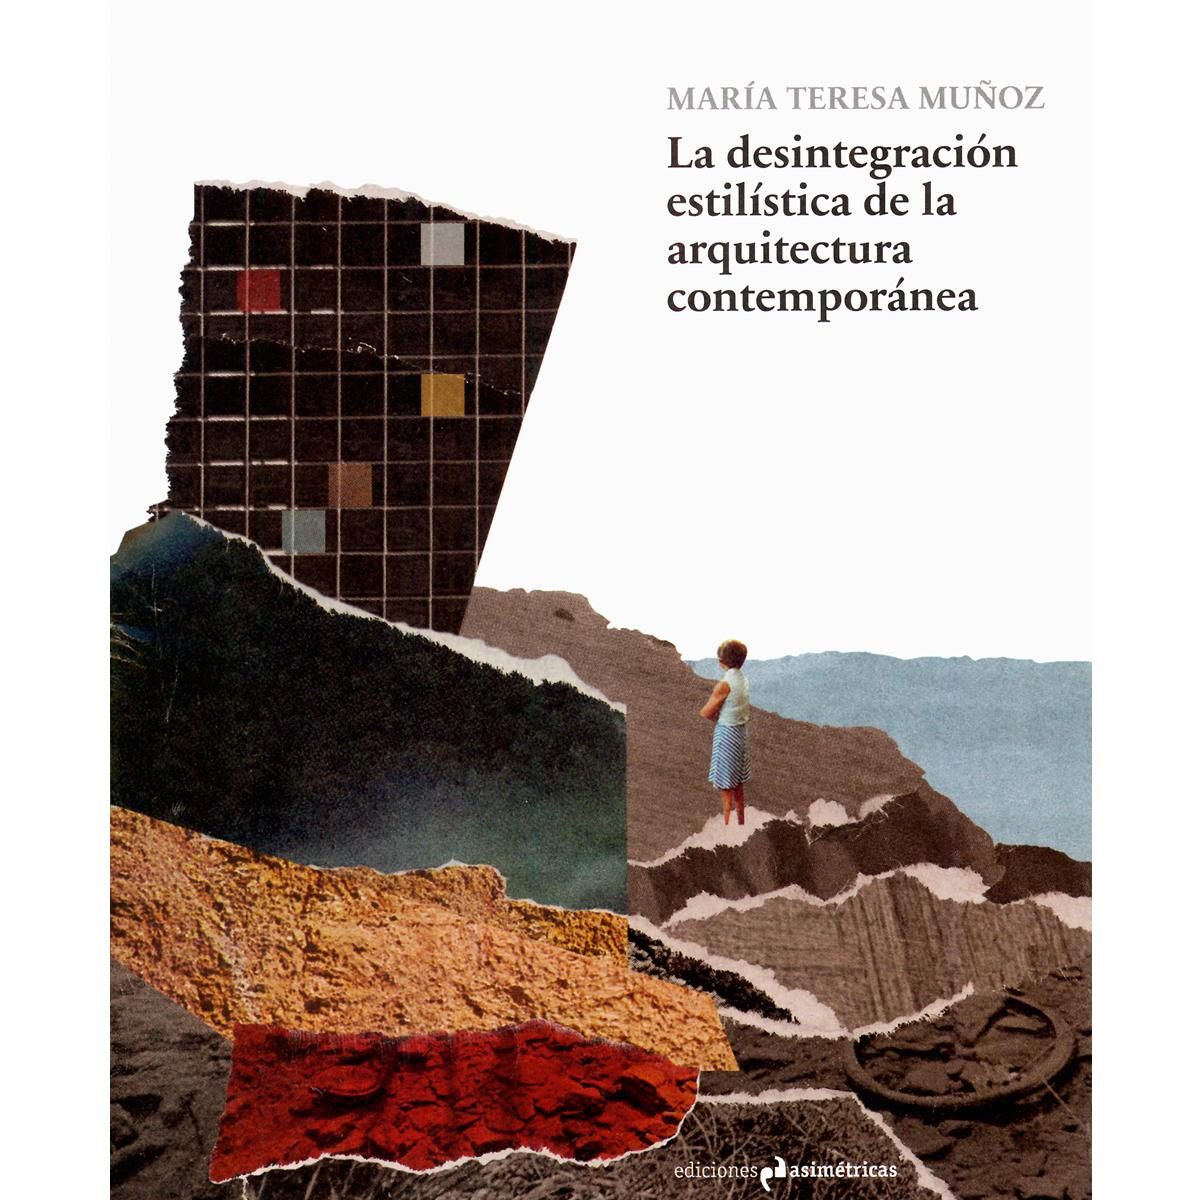 La desintegración estilística de la arquitectura contemporánea